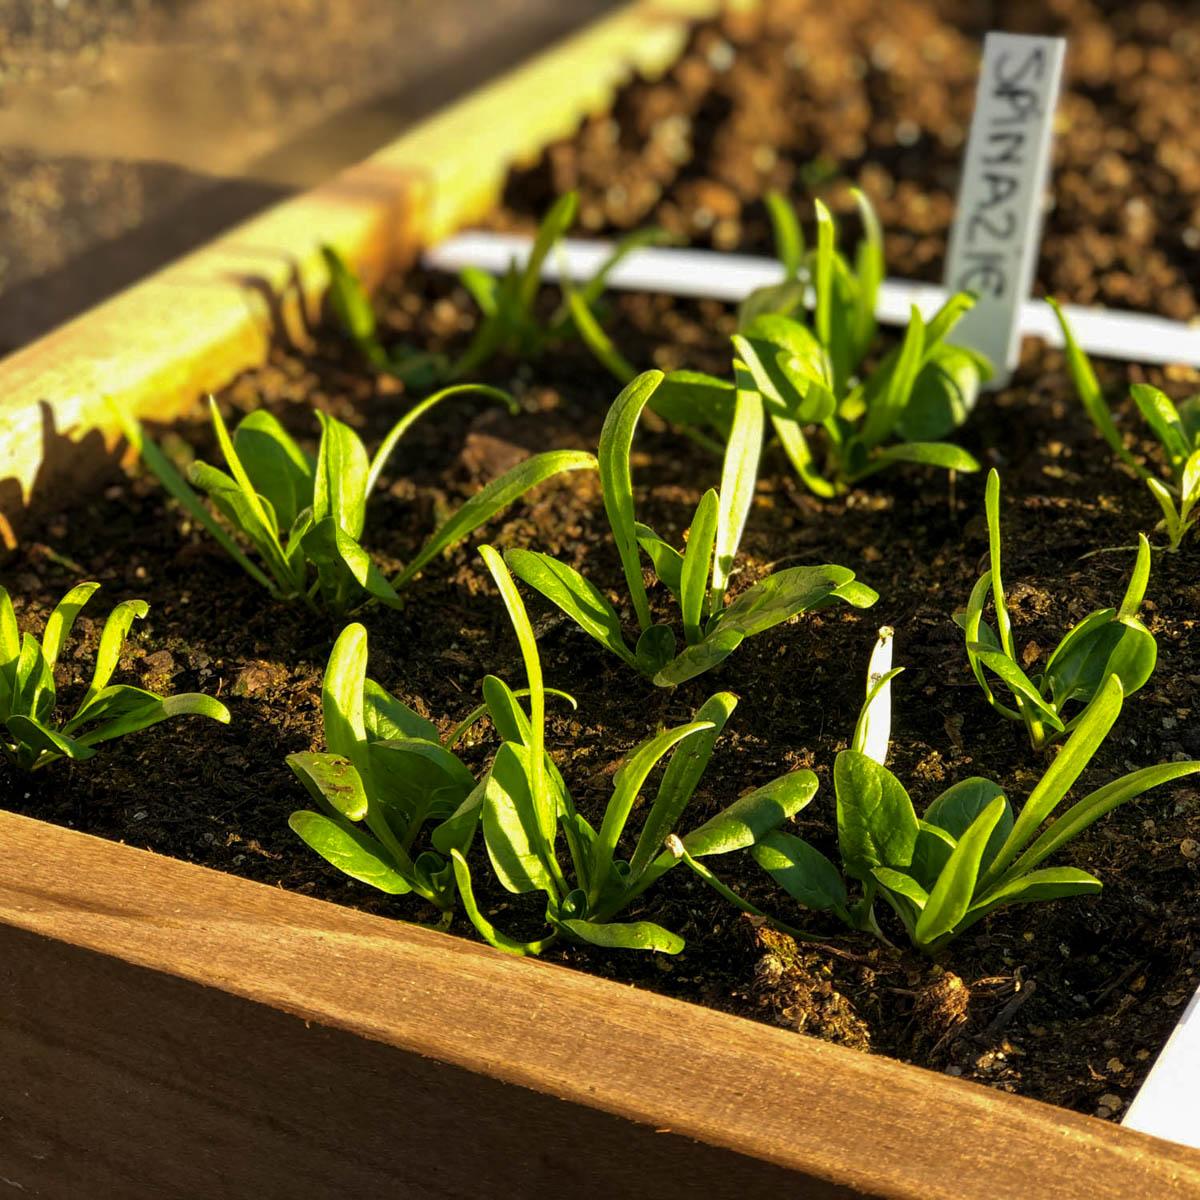 Zaailingen van spinazie in de Makkelijke Moestuin